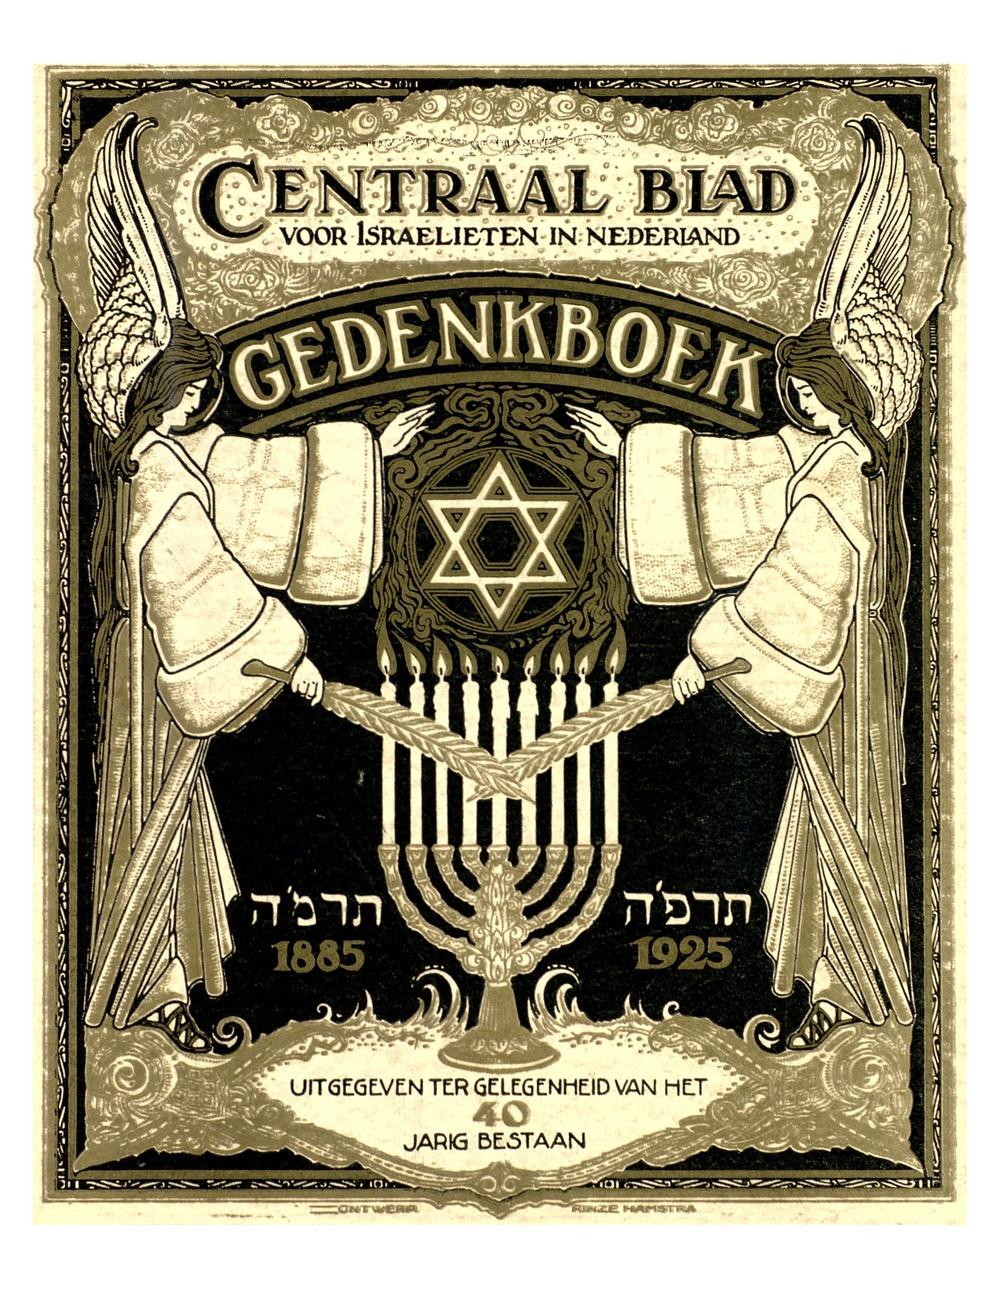 Centraal blad voor israelieten in Nederland - Page i